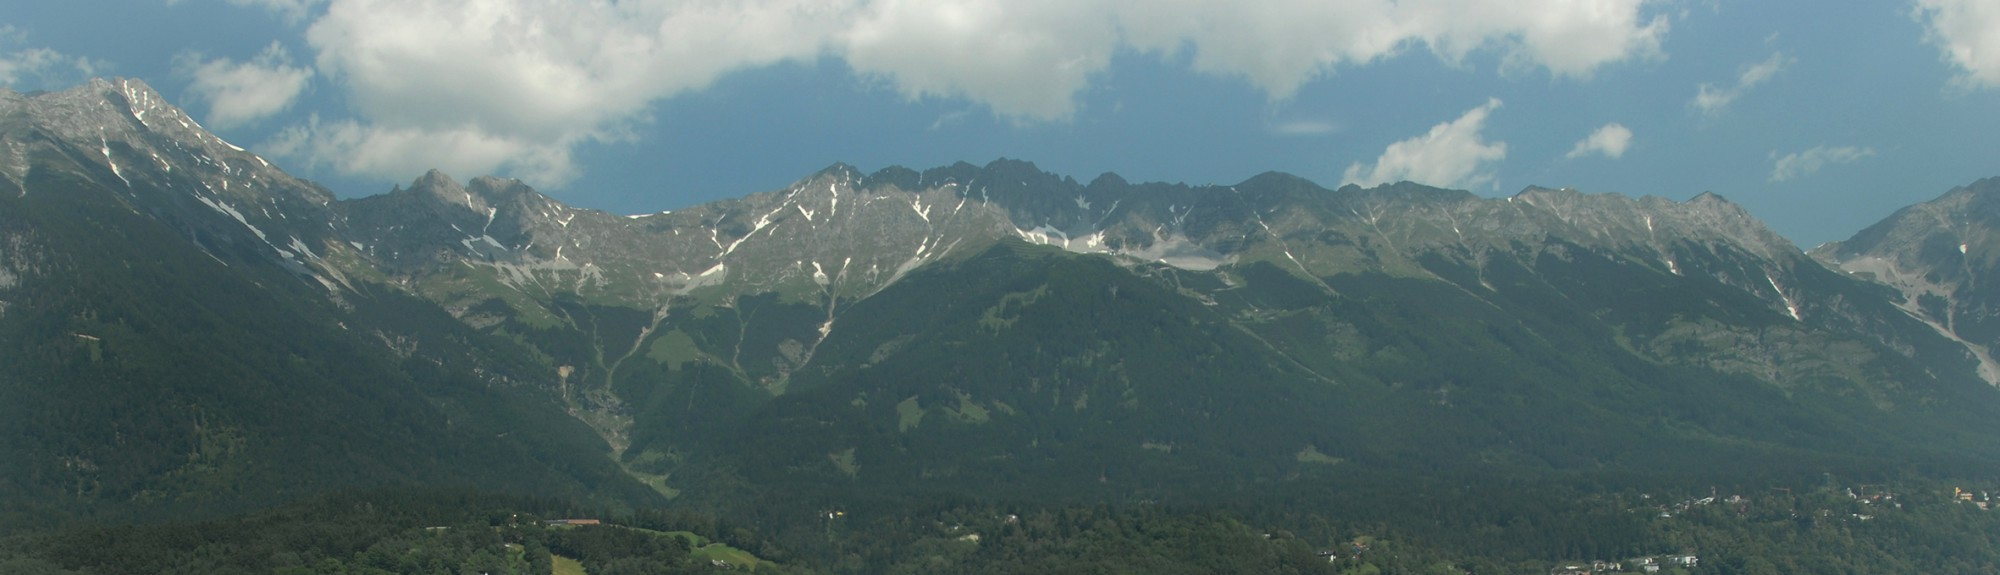 Archive in Innsbruck